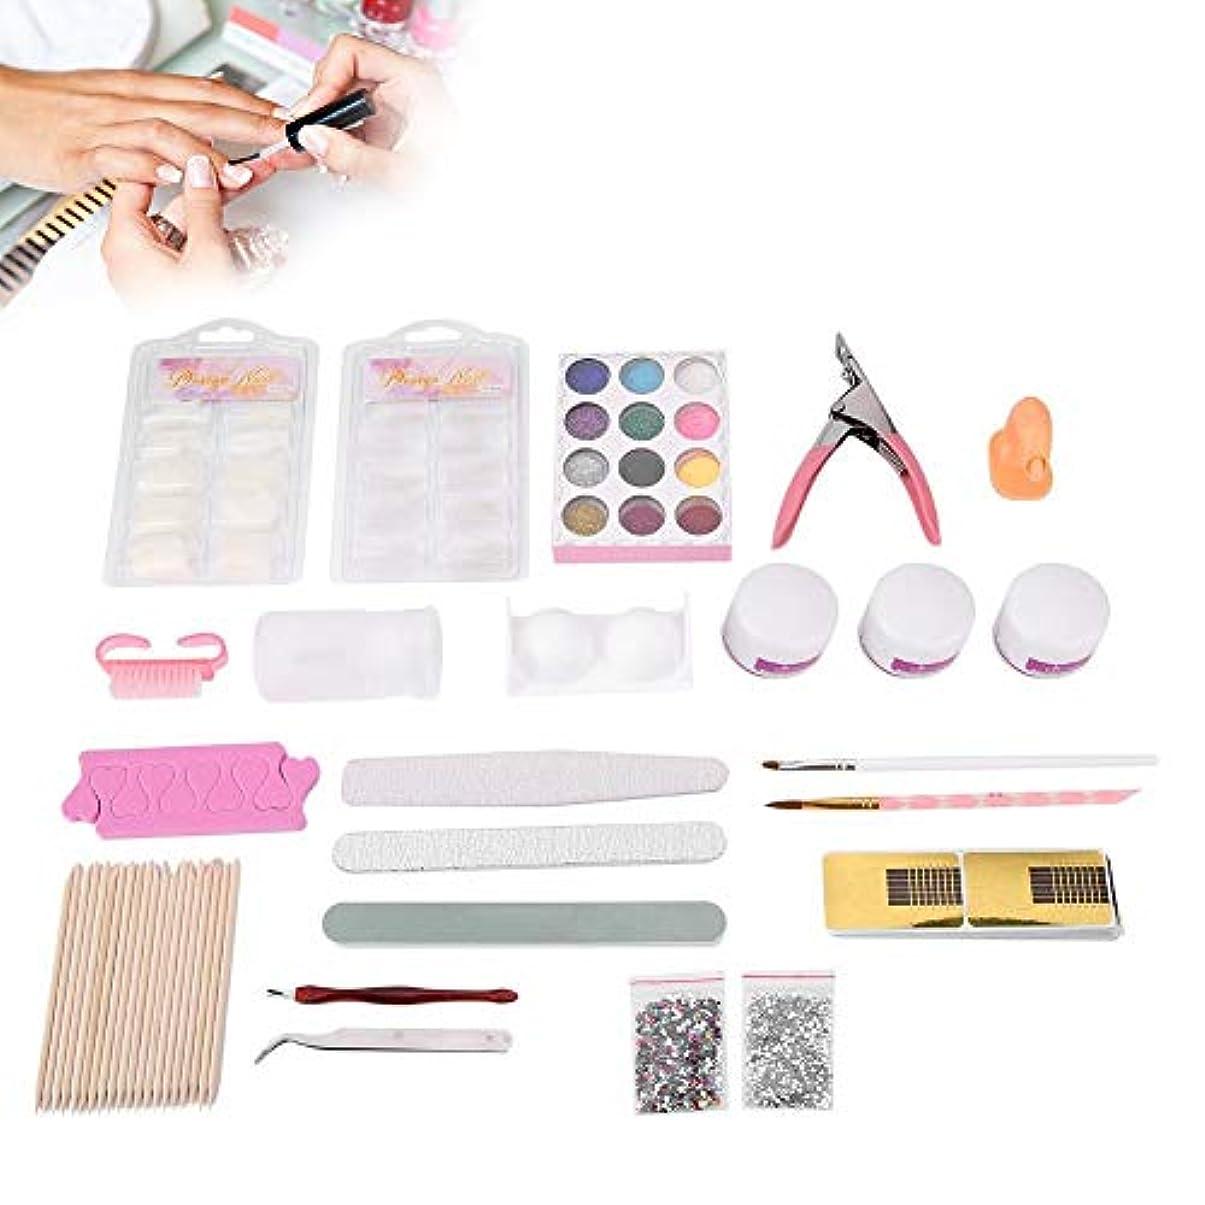 ネイルアートキット 指モデルクリーニングブラシ ネイルのスパンコール DIYの装飾マニキュアキット 62pcs /セット